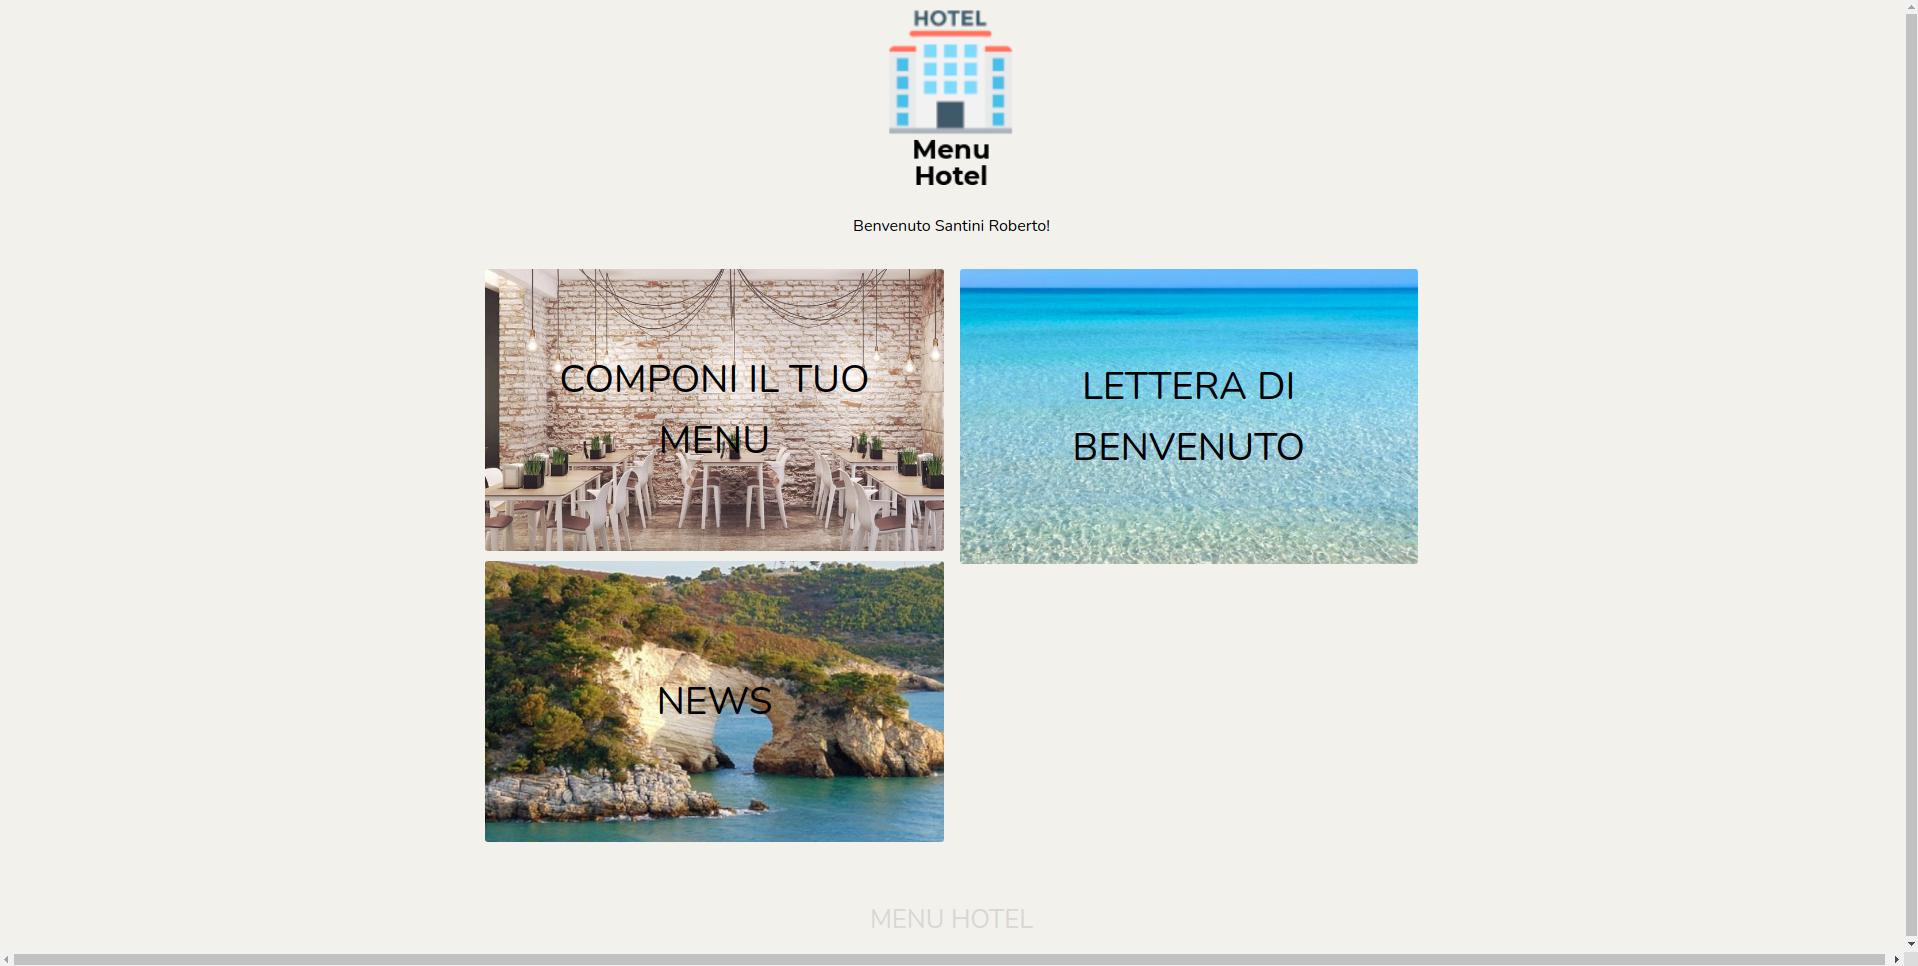 Home page dove il cliente può accedere ai servizi offerti